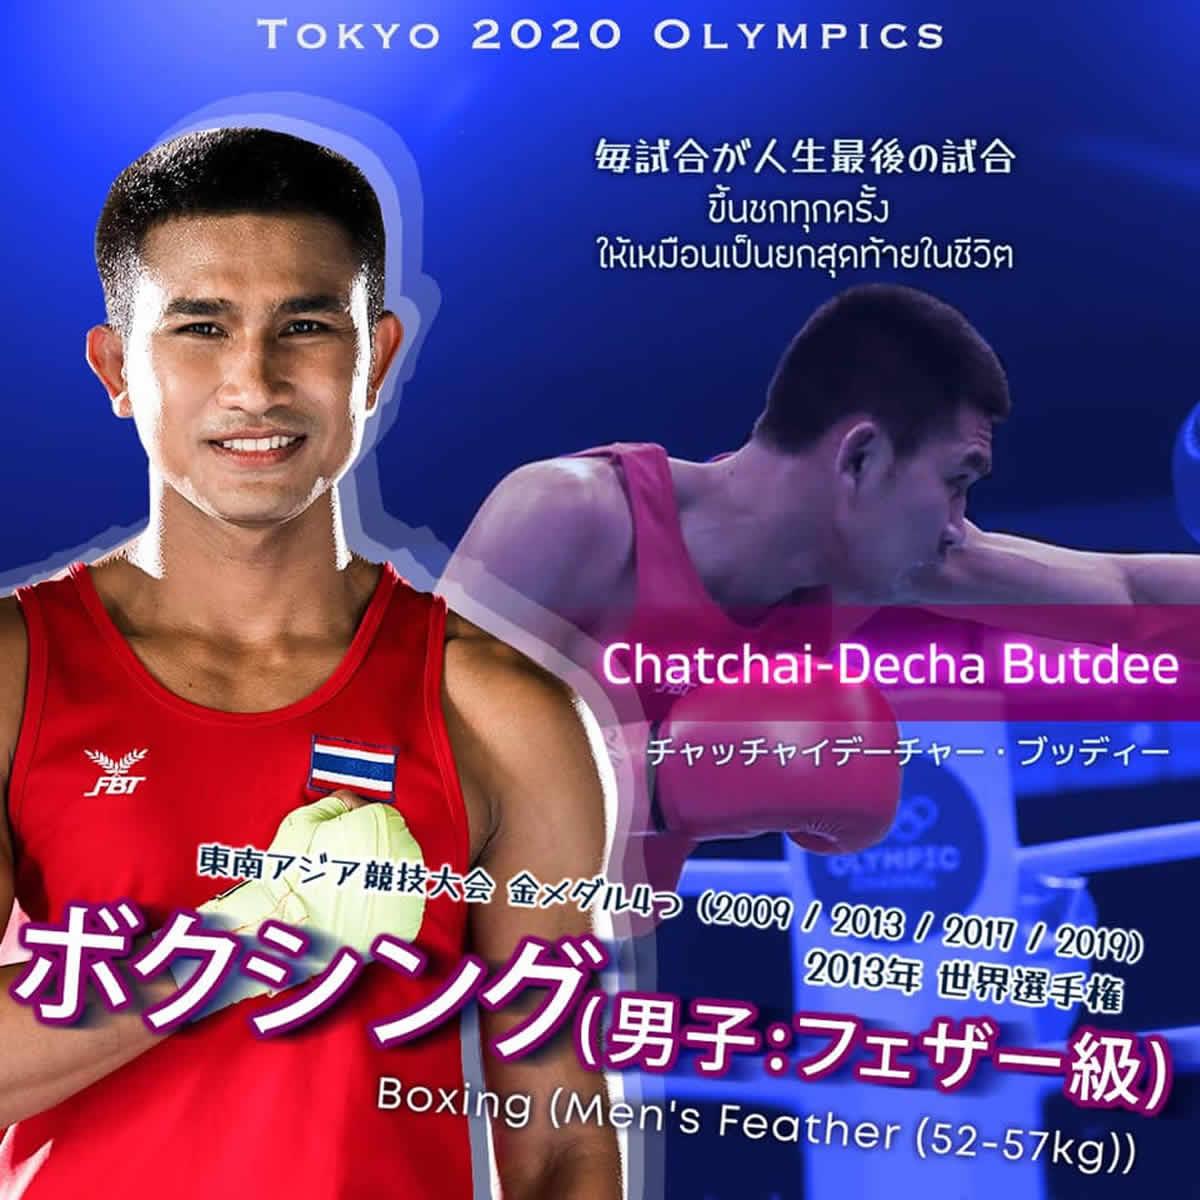 チャッチャイデーチャー・ブッディー(ソット)選手[男子ボクシング タイ代表]東京2020オリンピック